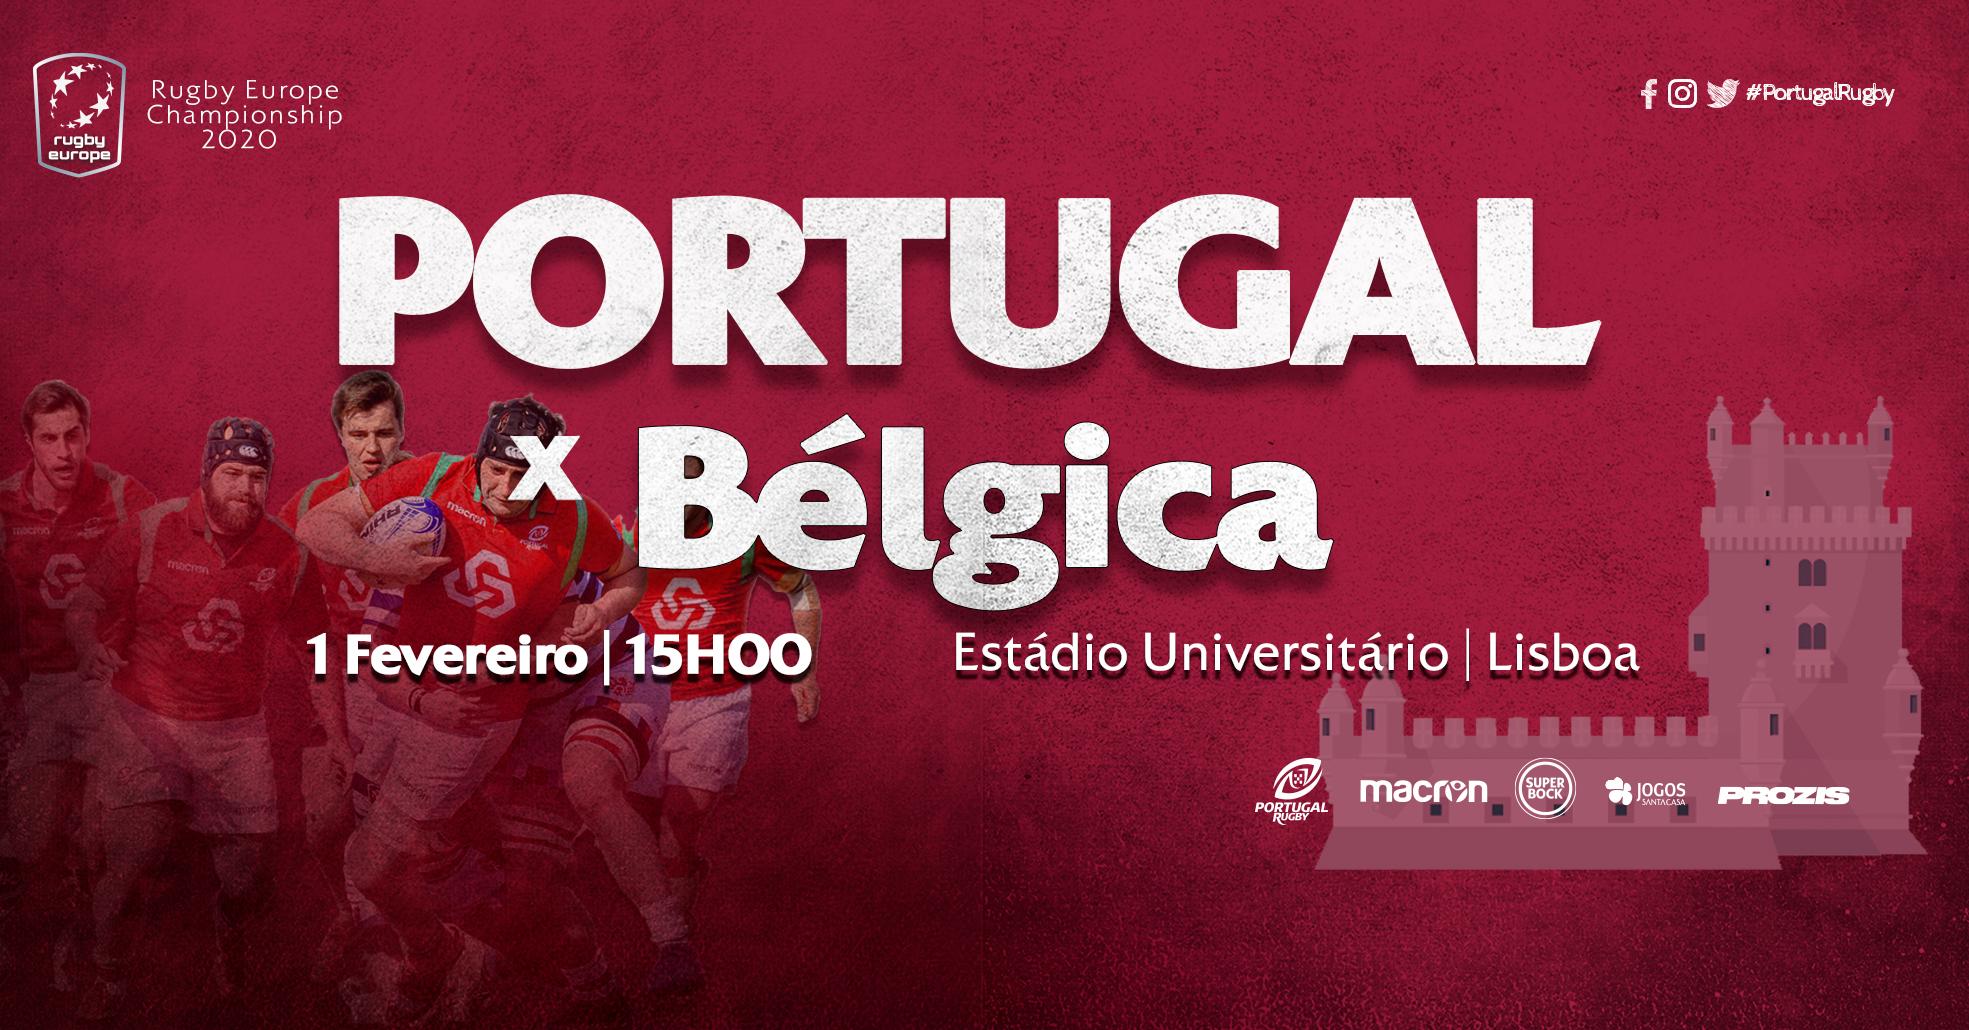 Noticias do dia portugal